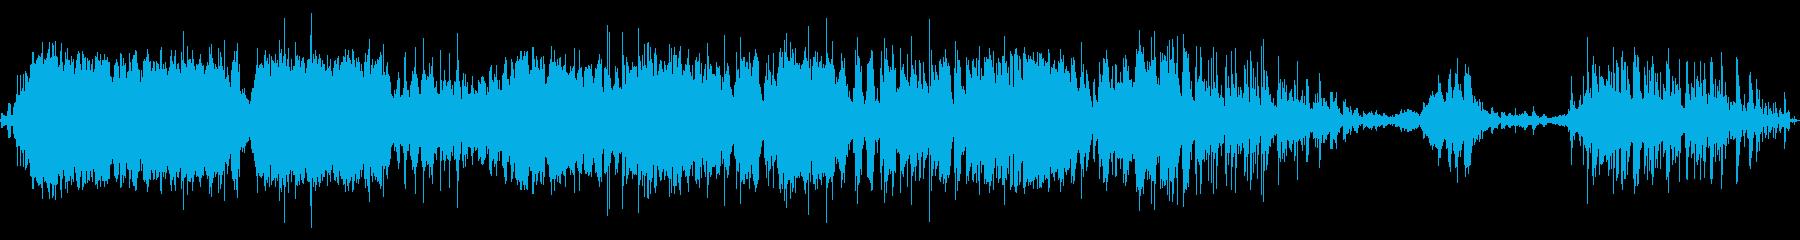 中級スタジオオーディエンス:拍手と...の再生済みの波形